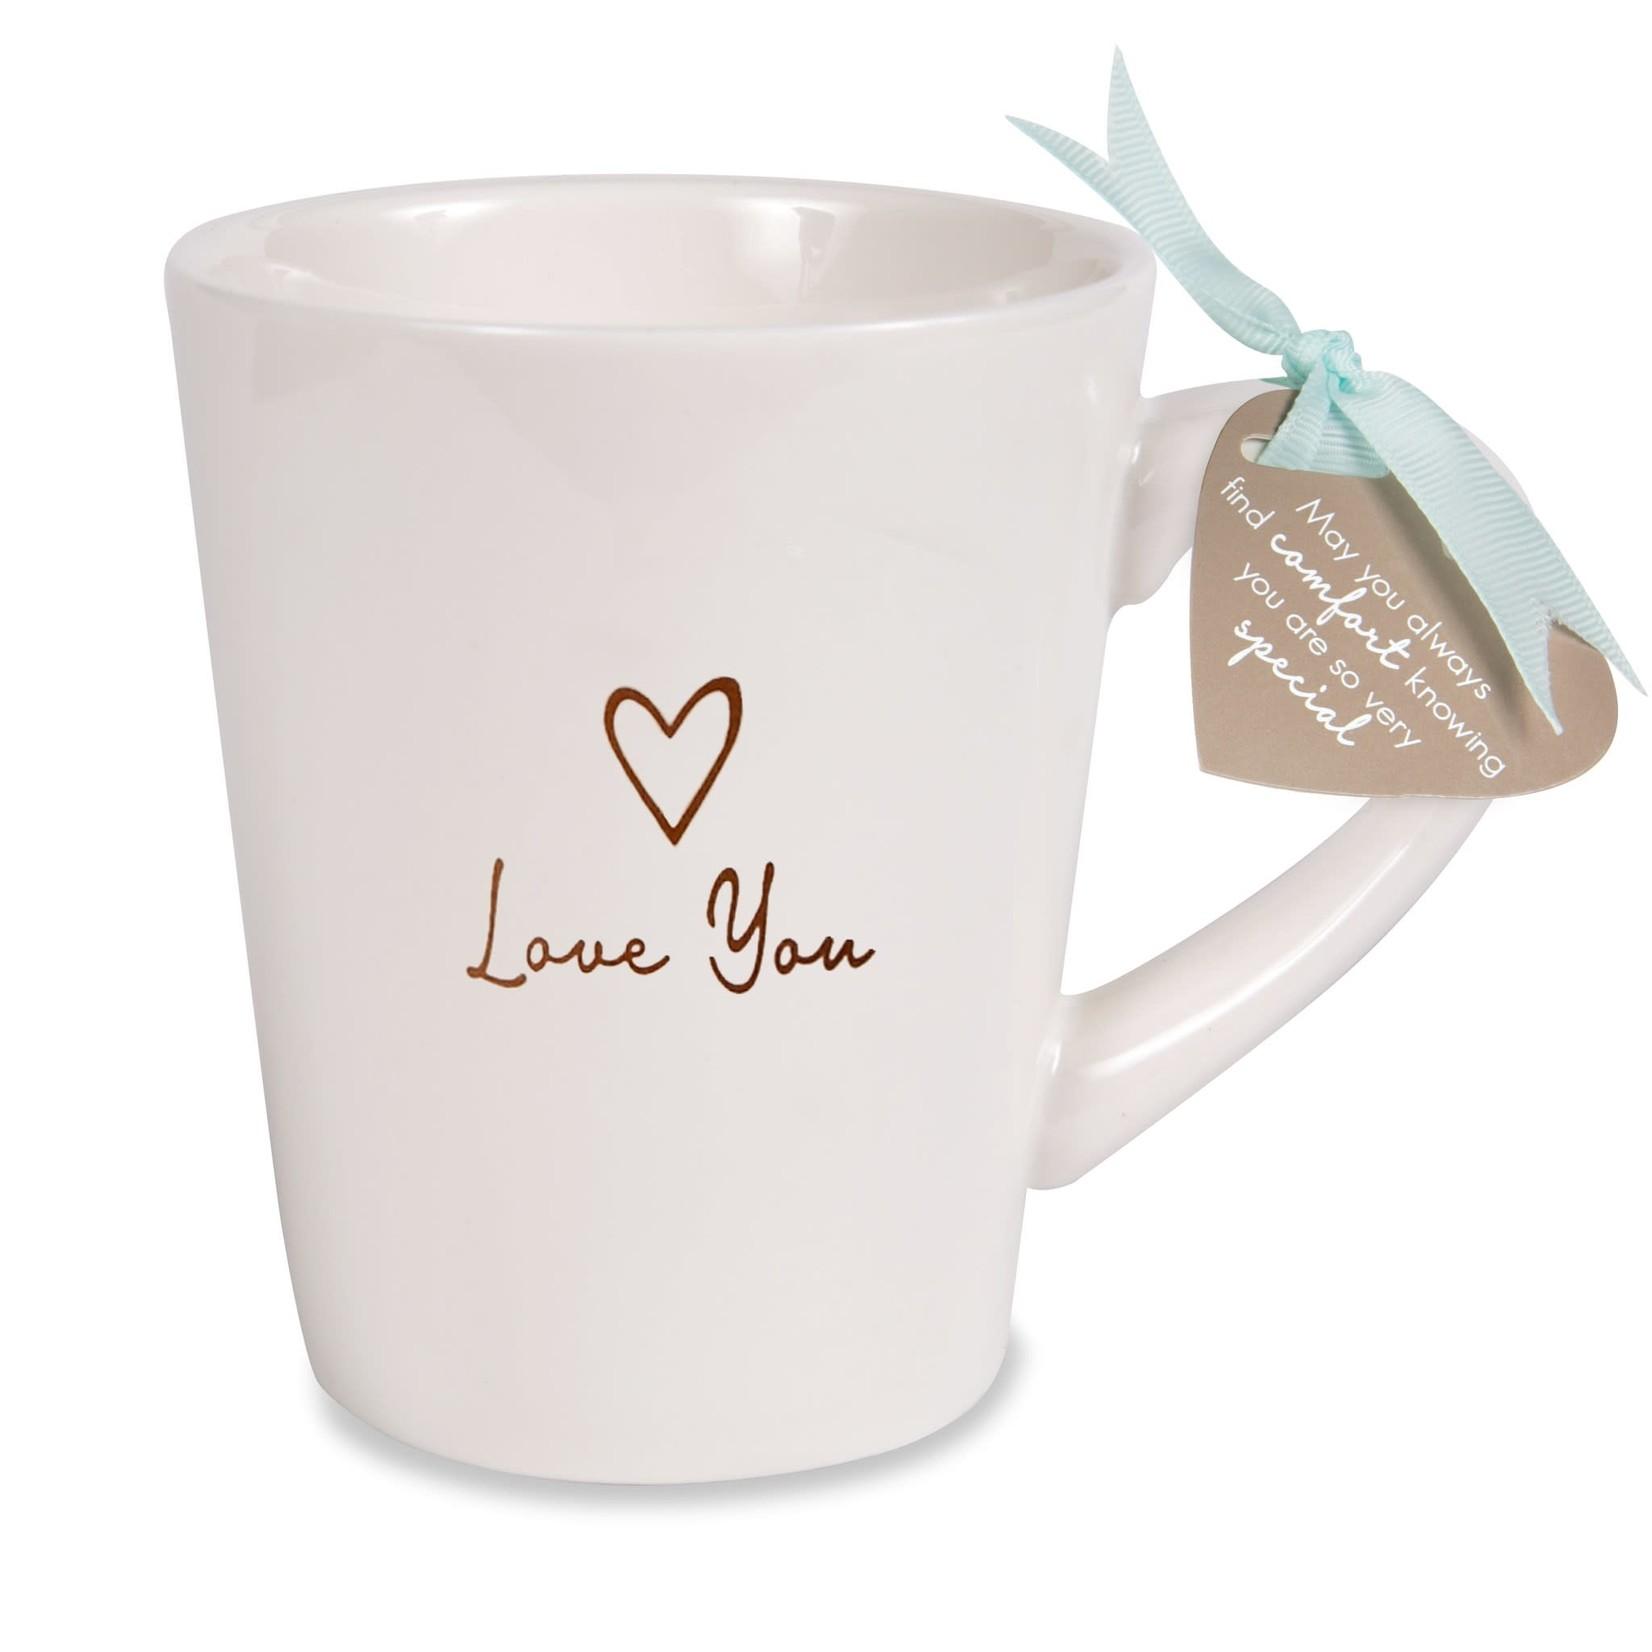 Mug - Love you - 15oz.